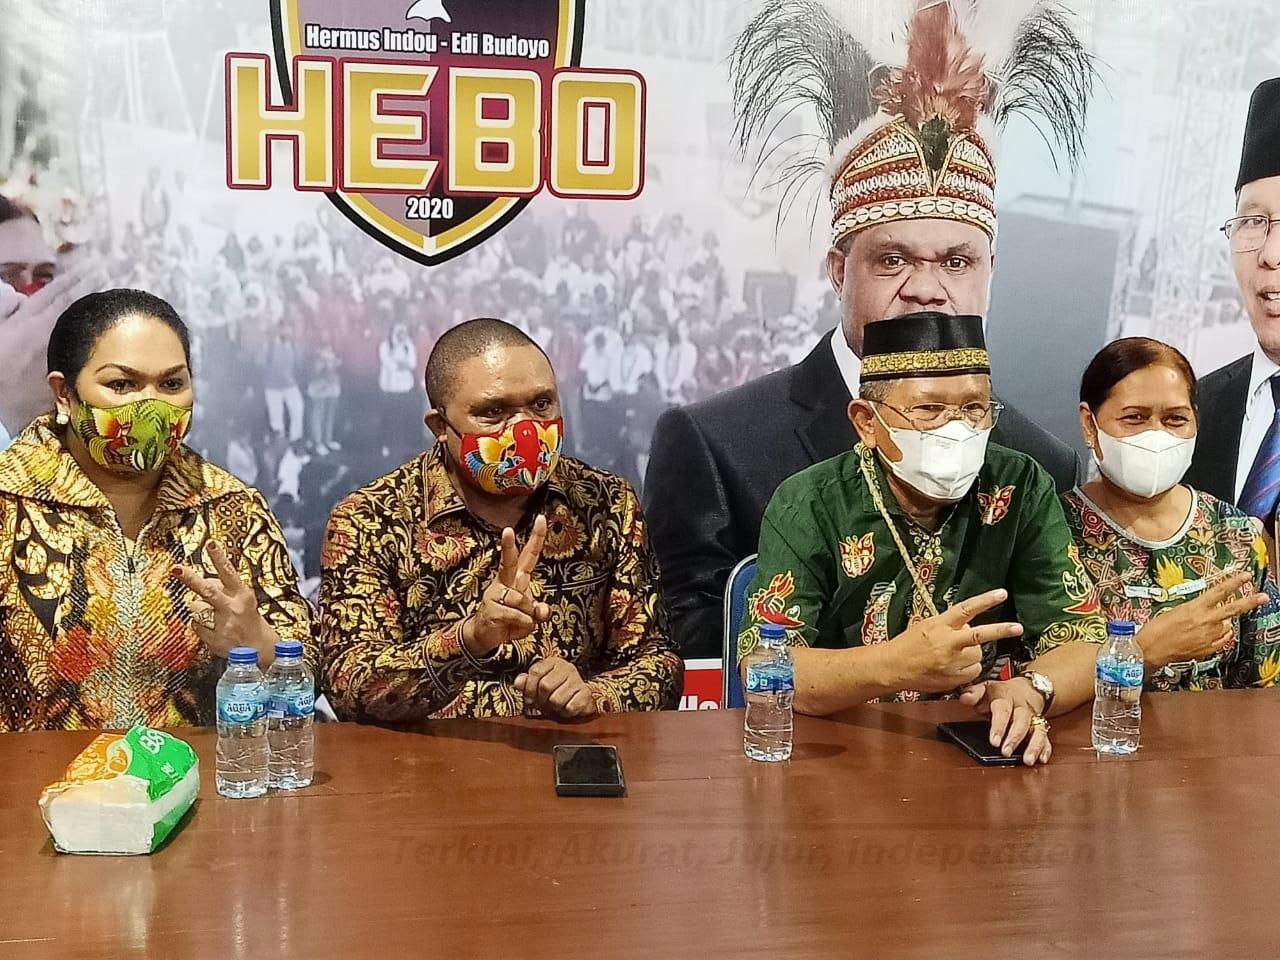 HEBO: Harus Konsisten Dengan Pernyataan Siapapun Yang Menang Tidak Ada Gugatan 18 IMG 20201210 WA0003